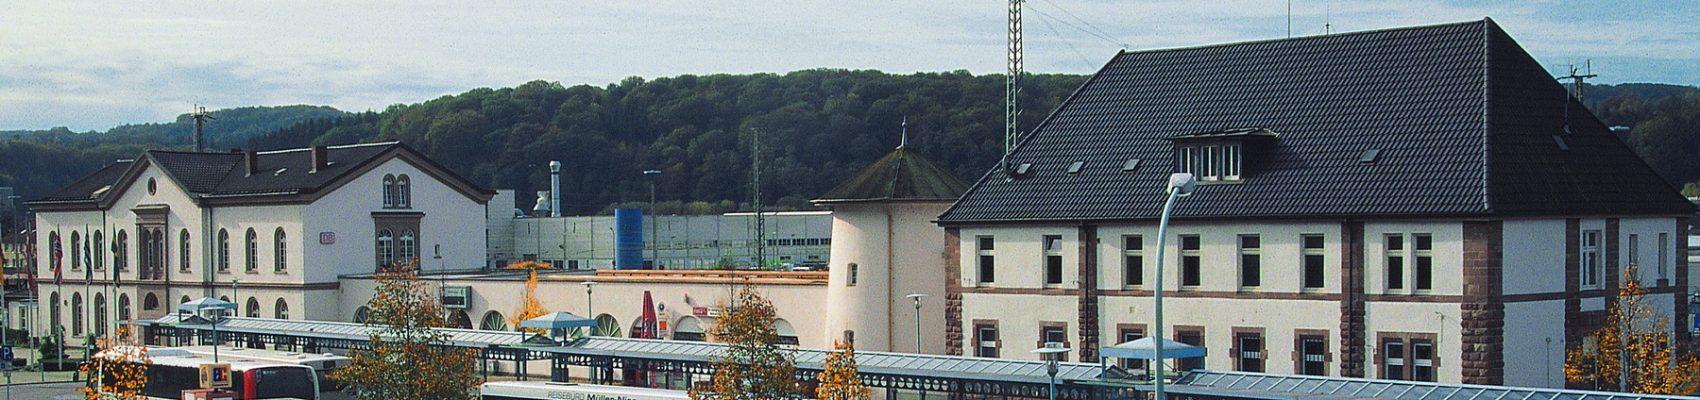 Umweltbahnhof_Gesamtansicht